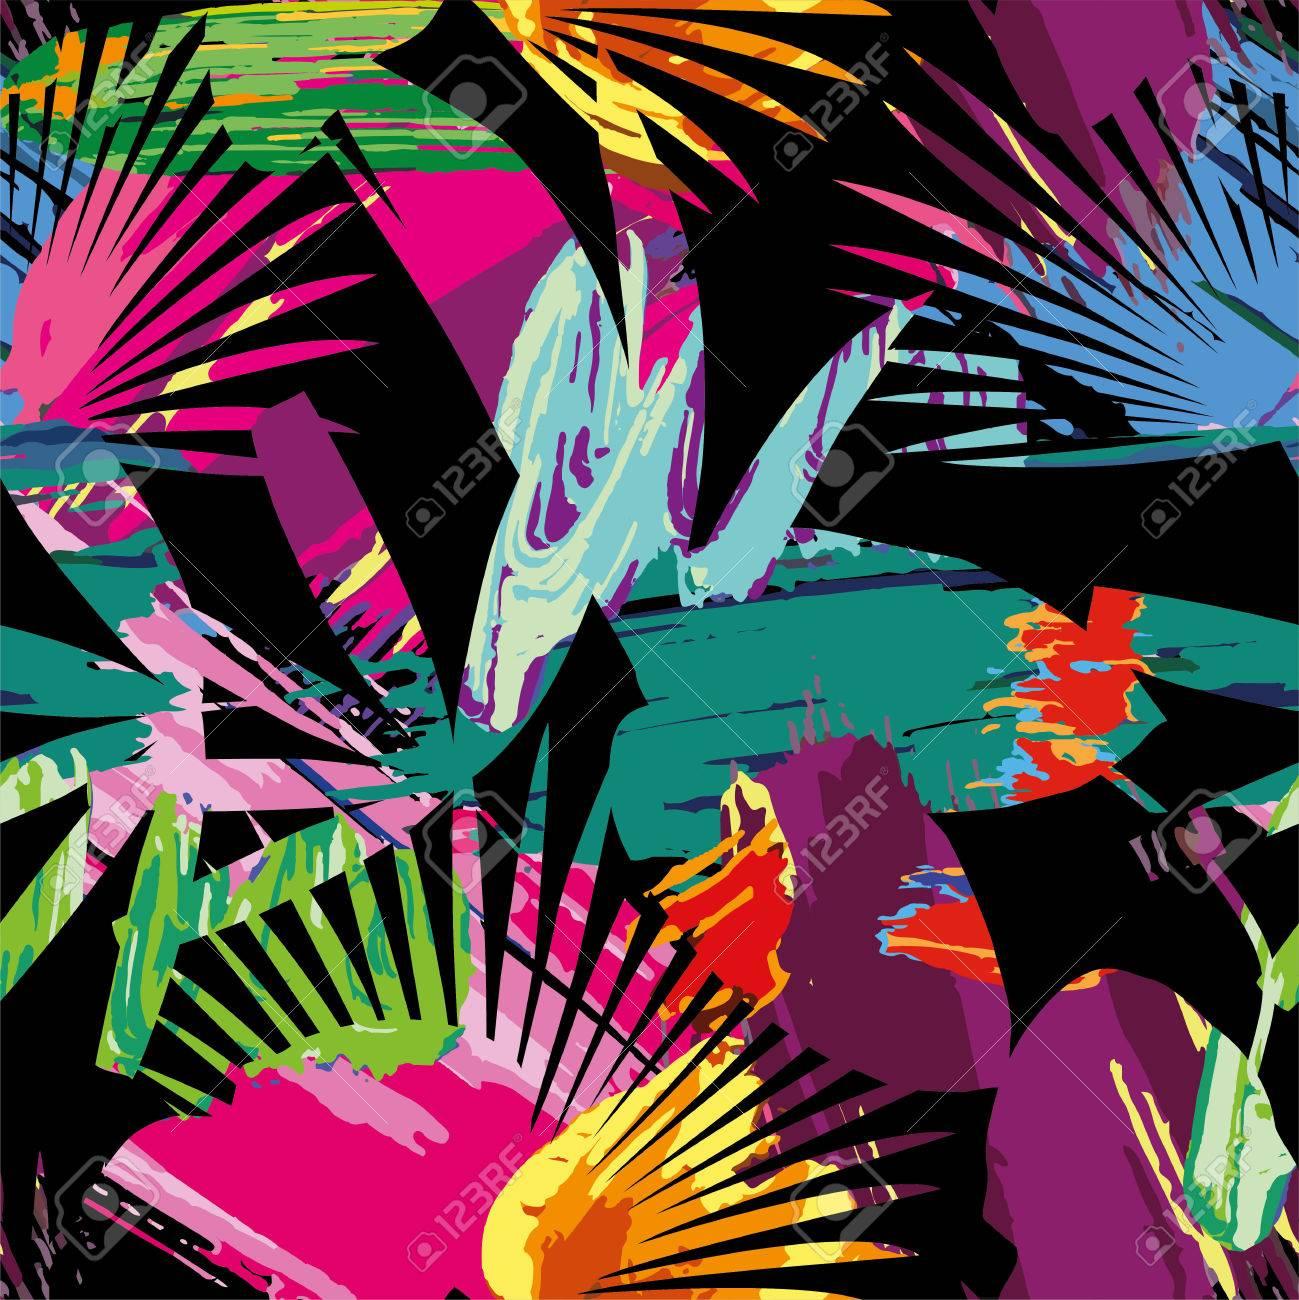 Print Ete Plante De Jungle Exotique Feuilles De Palmiers Tropicaux Modele Peinture Transparente Sur Le Fond Noir Fond D Ecran Nature Avec Masque D Ecretage Clip Art Libres De Droits Vecteurs Et Illustration